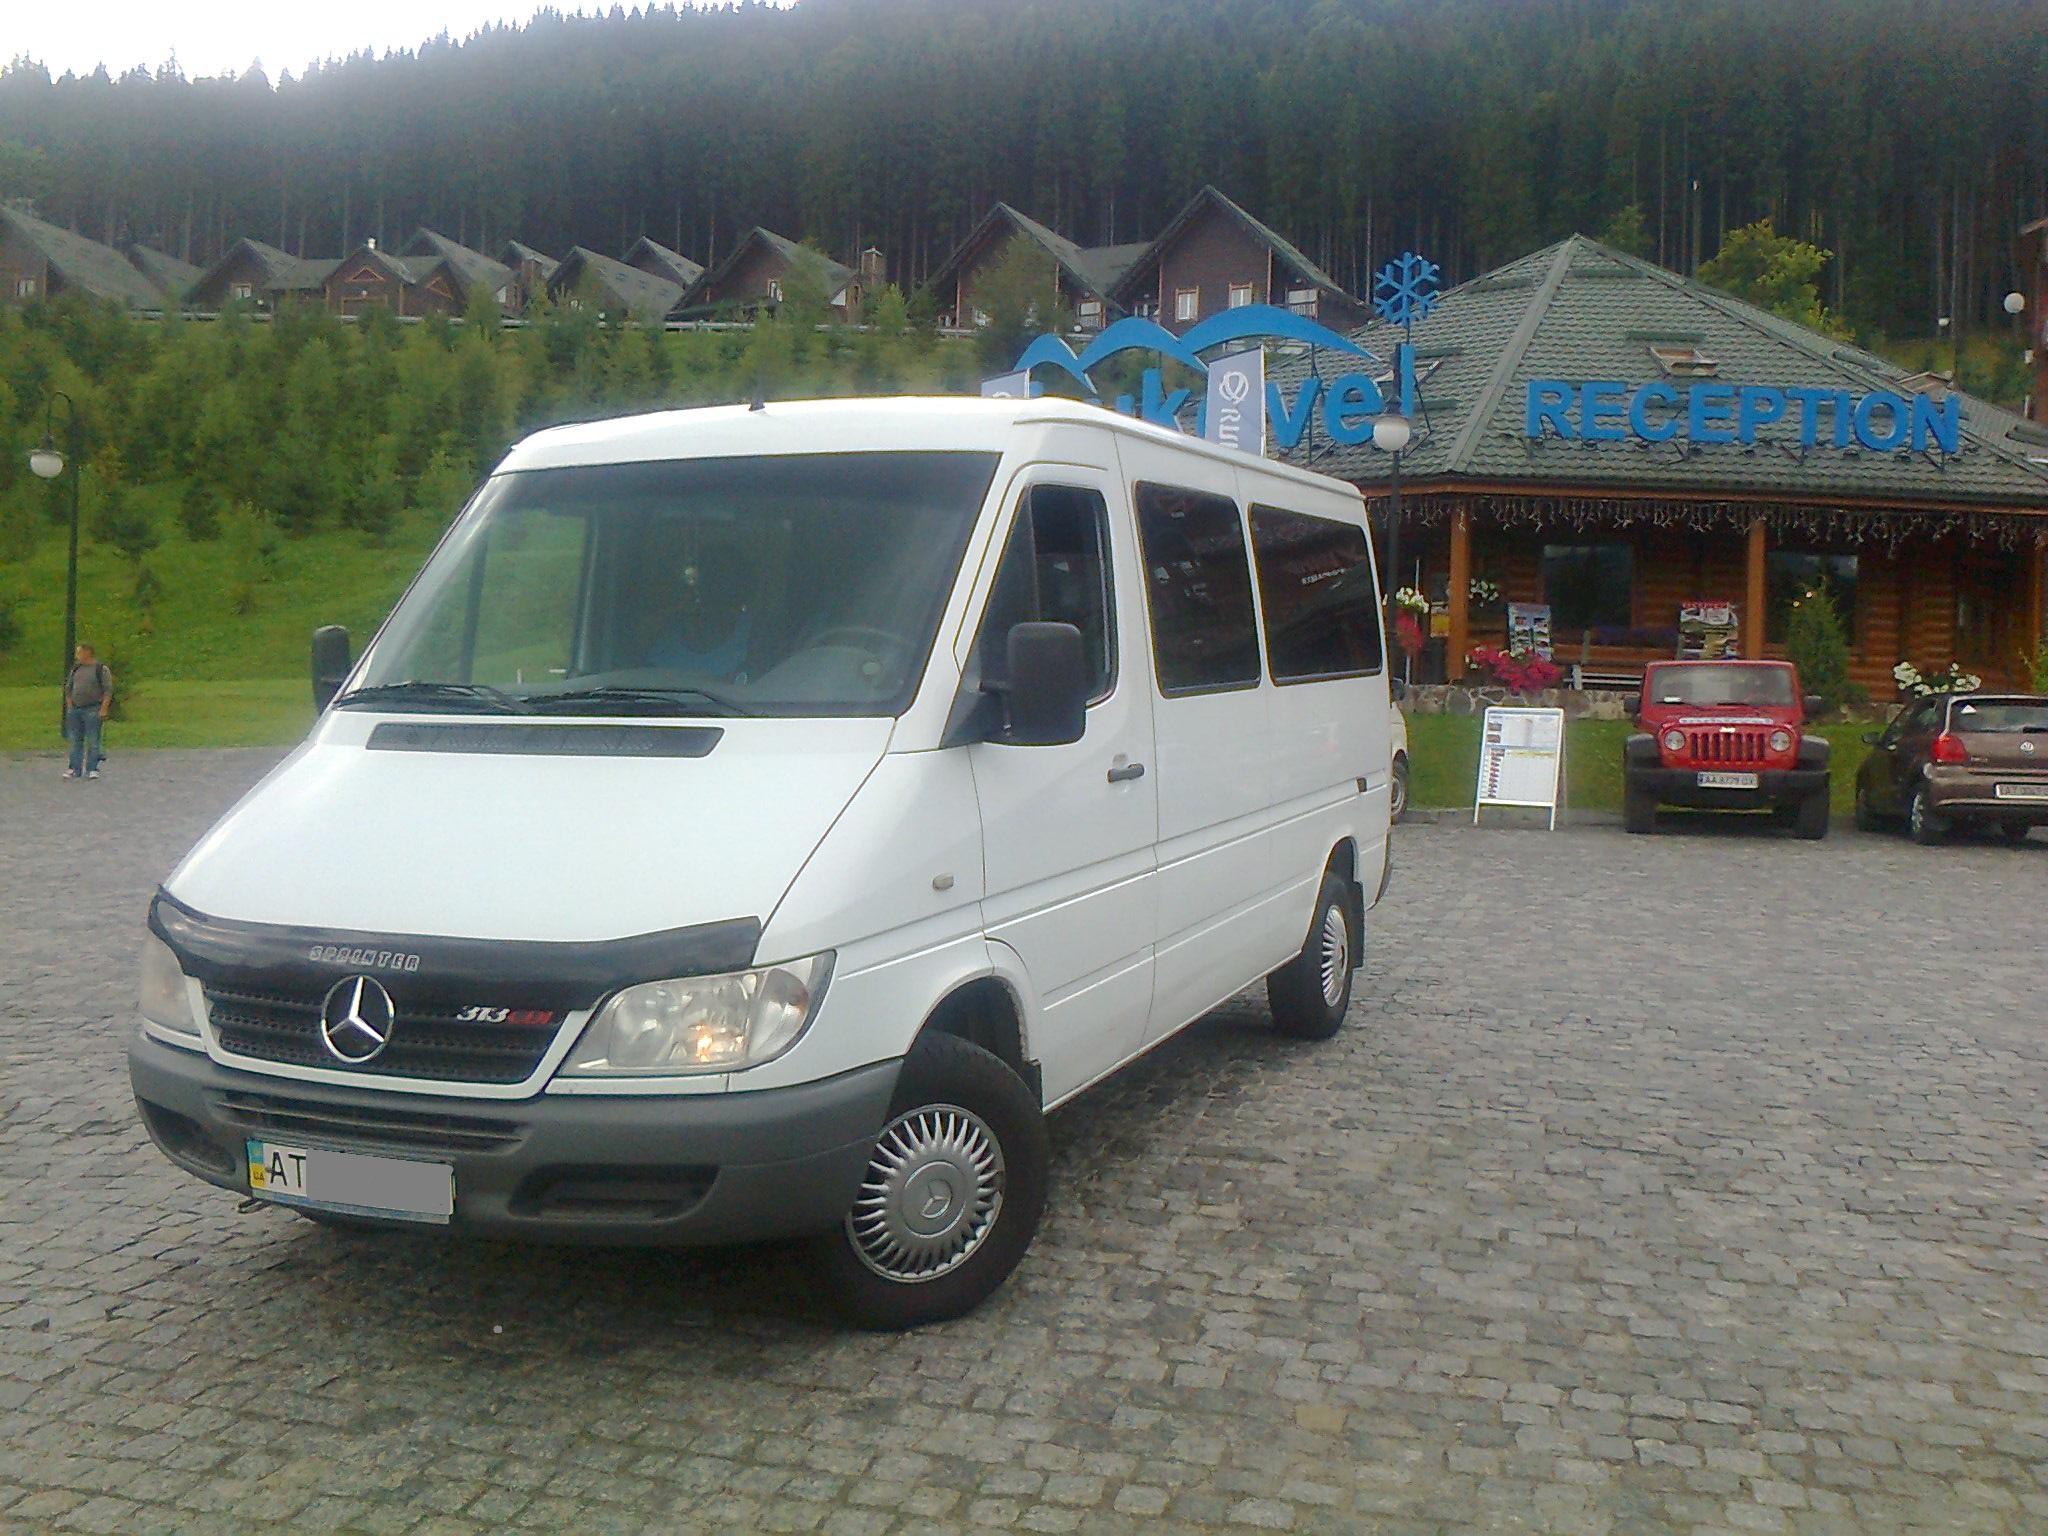 Пасажирські перевезення мікроавтобусом на 8-12 місць з Ів-Франківська в Буковель, зображення 1